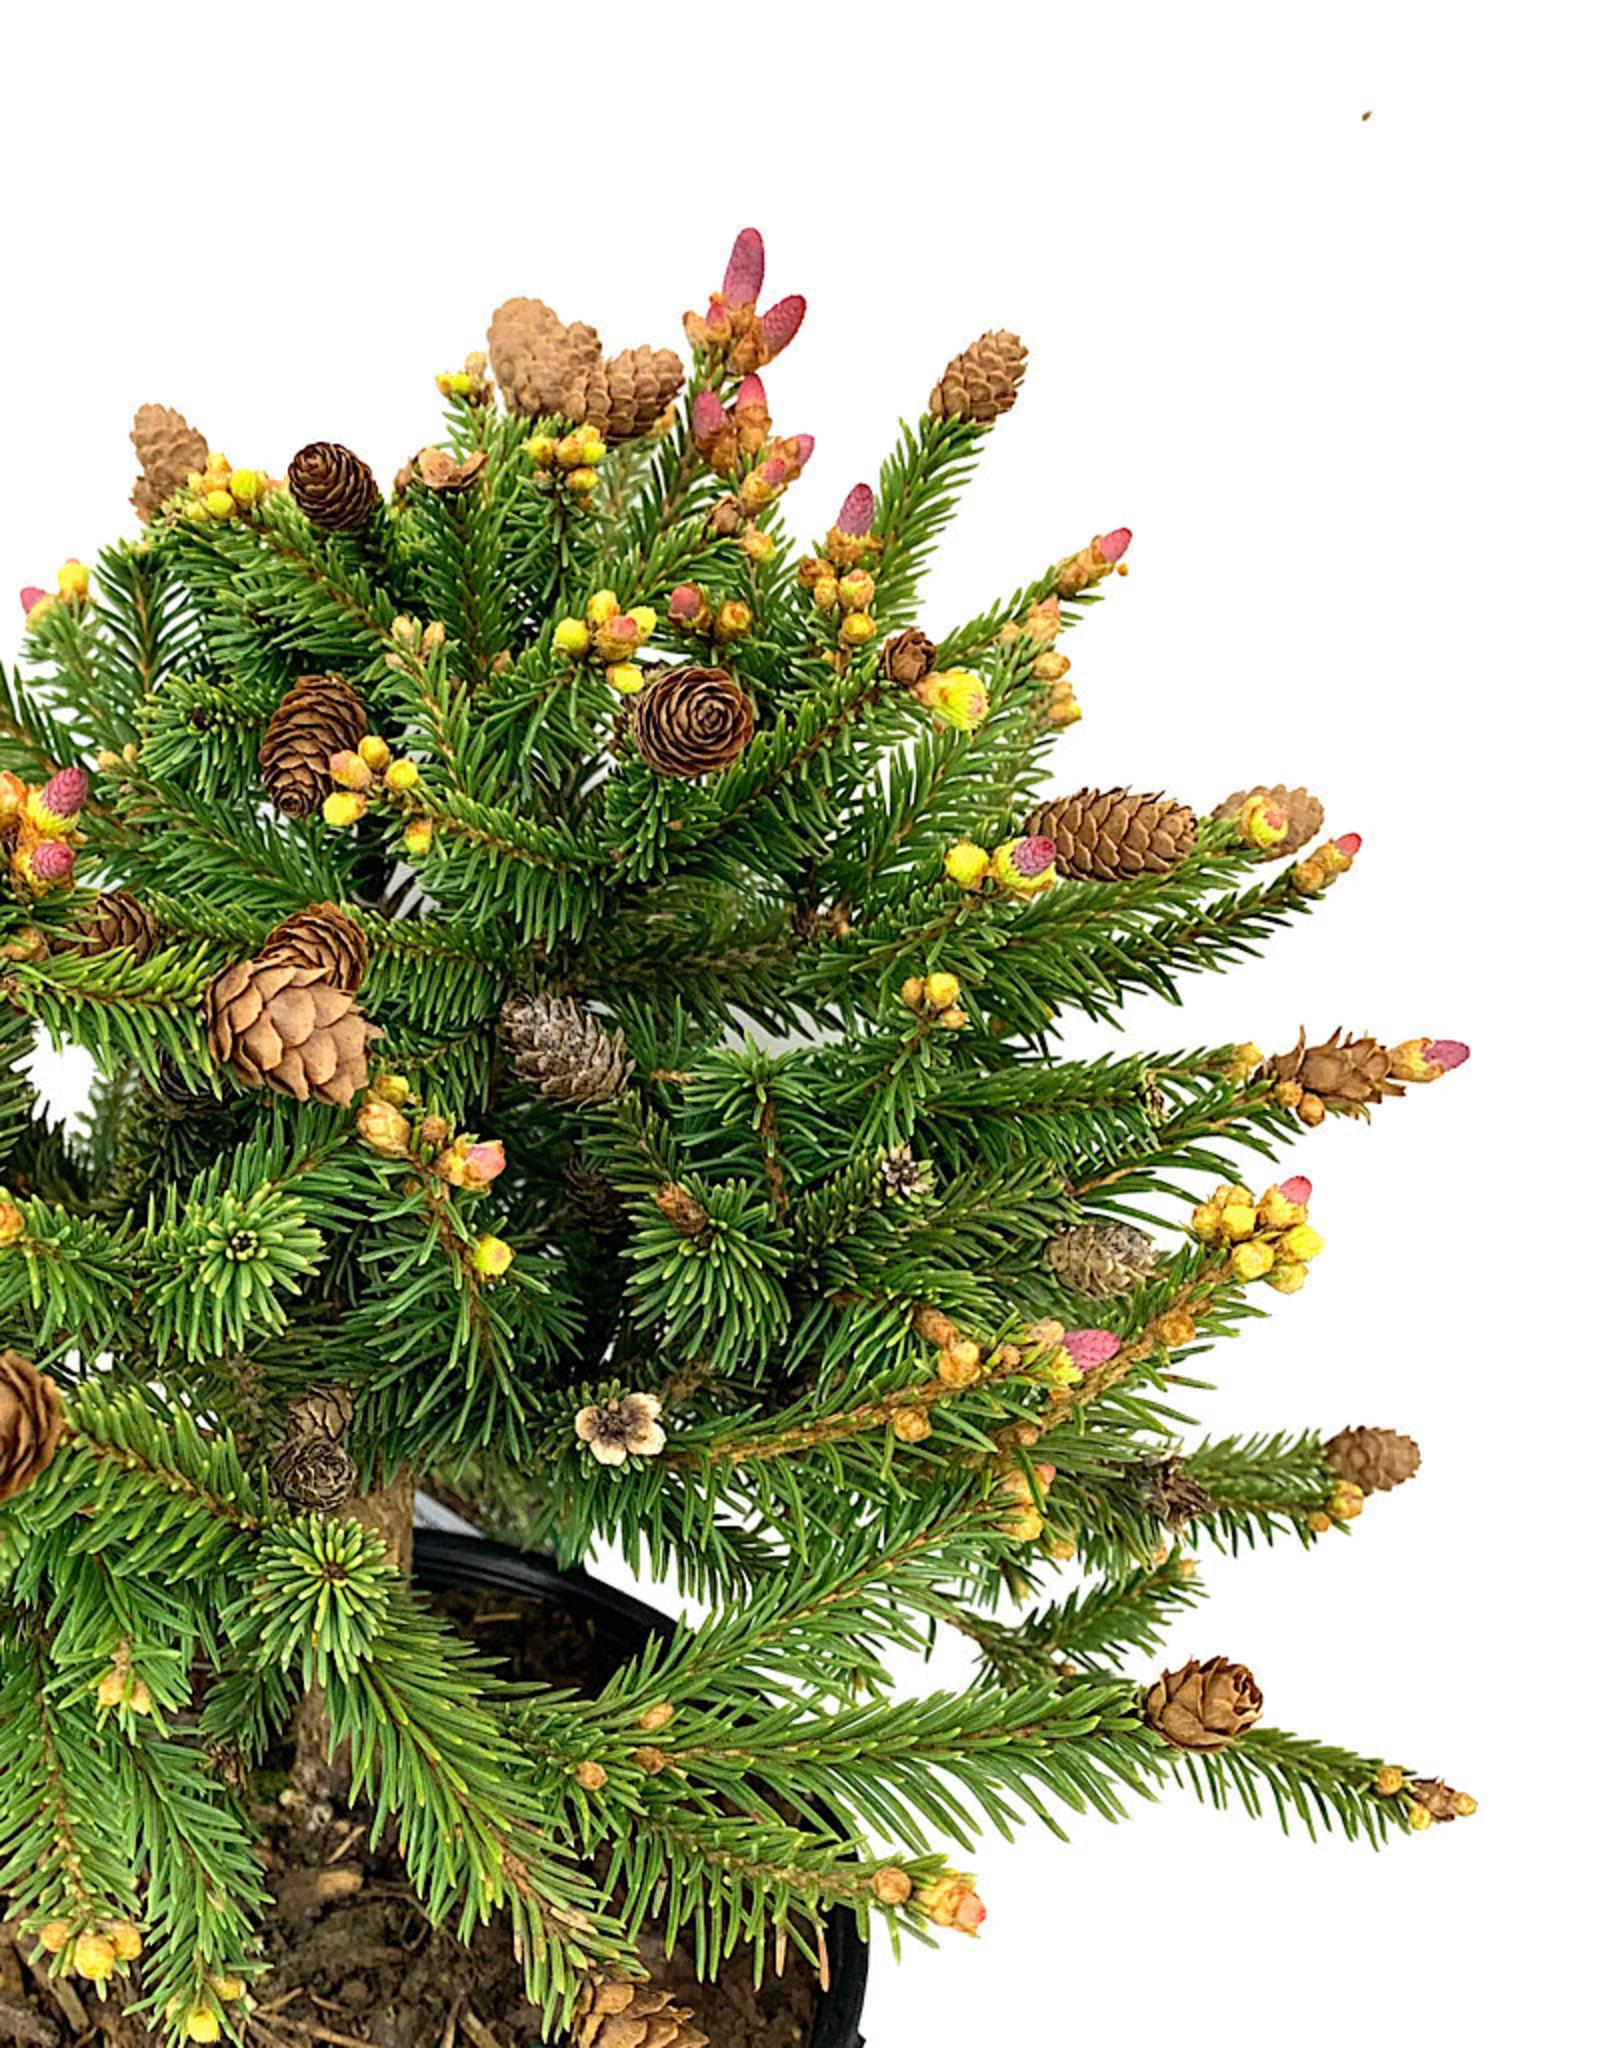 Picea abies 'Pusch' 1 Gallon